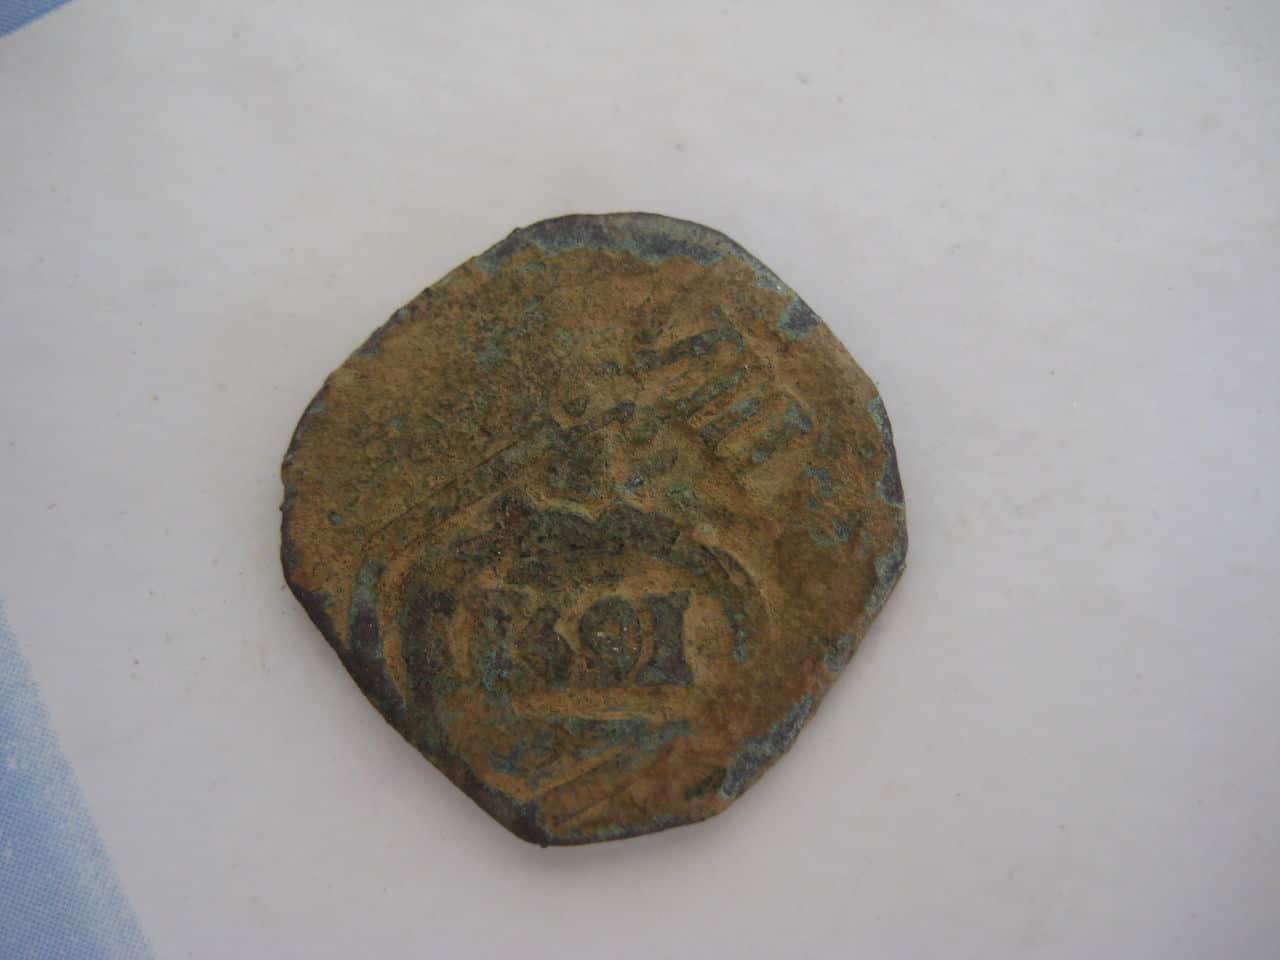 VIII maravedís de Felipe III ó IV resellado a VIII 1641-2, resellado a 8 1651-2 IMG_1100